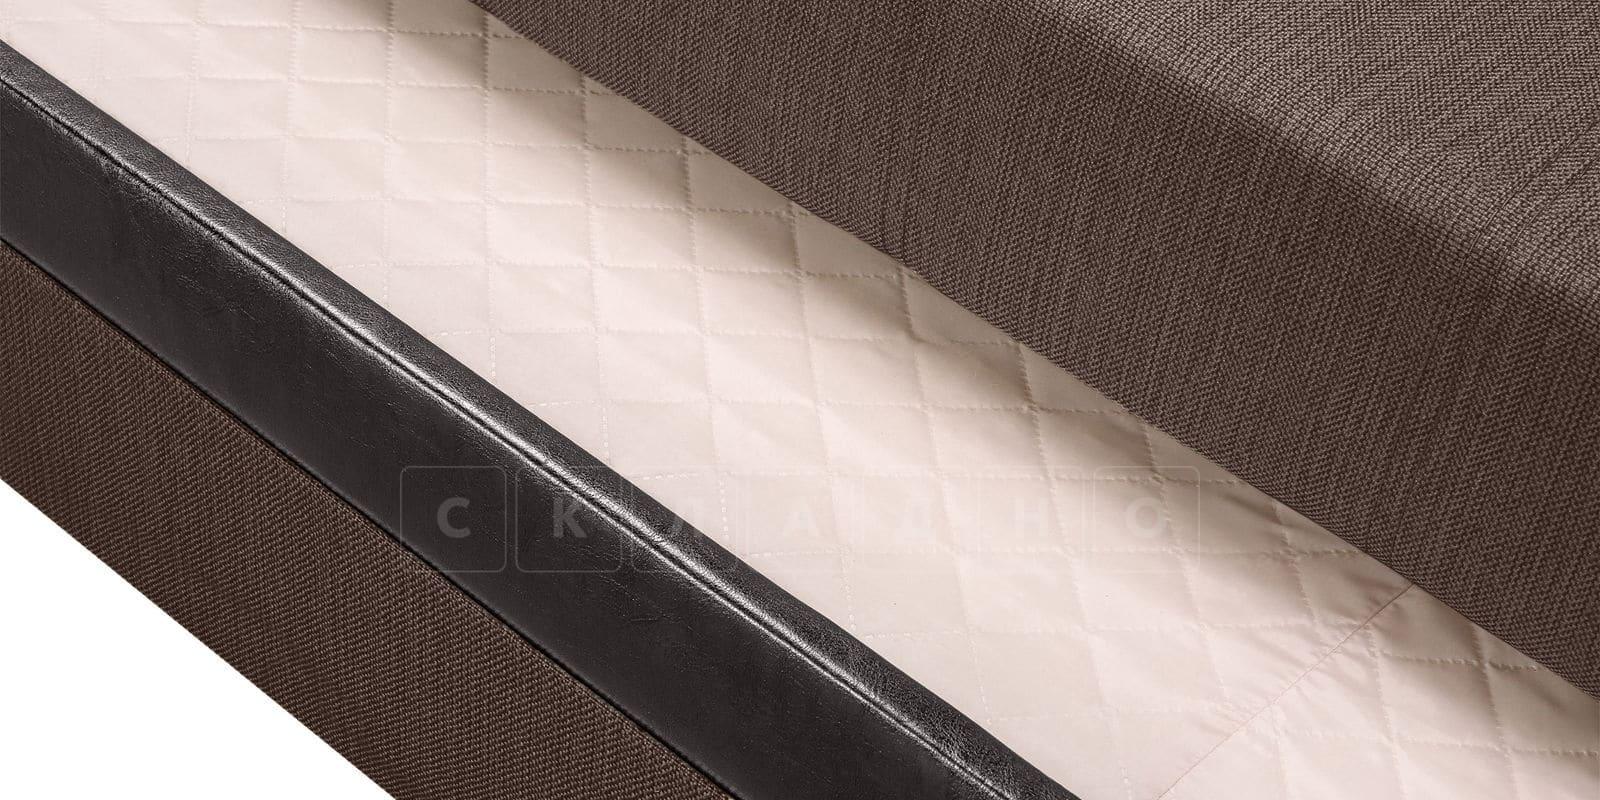 Угловой диван Атланта рогожка коричневого цвета фото 6 | интернет-магазин Складно